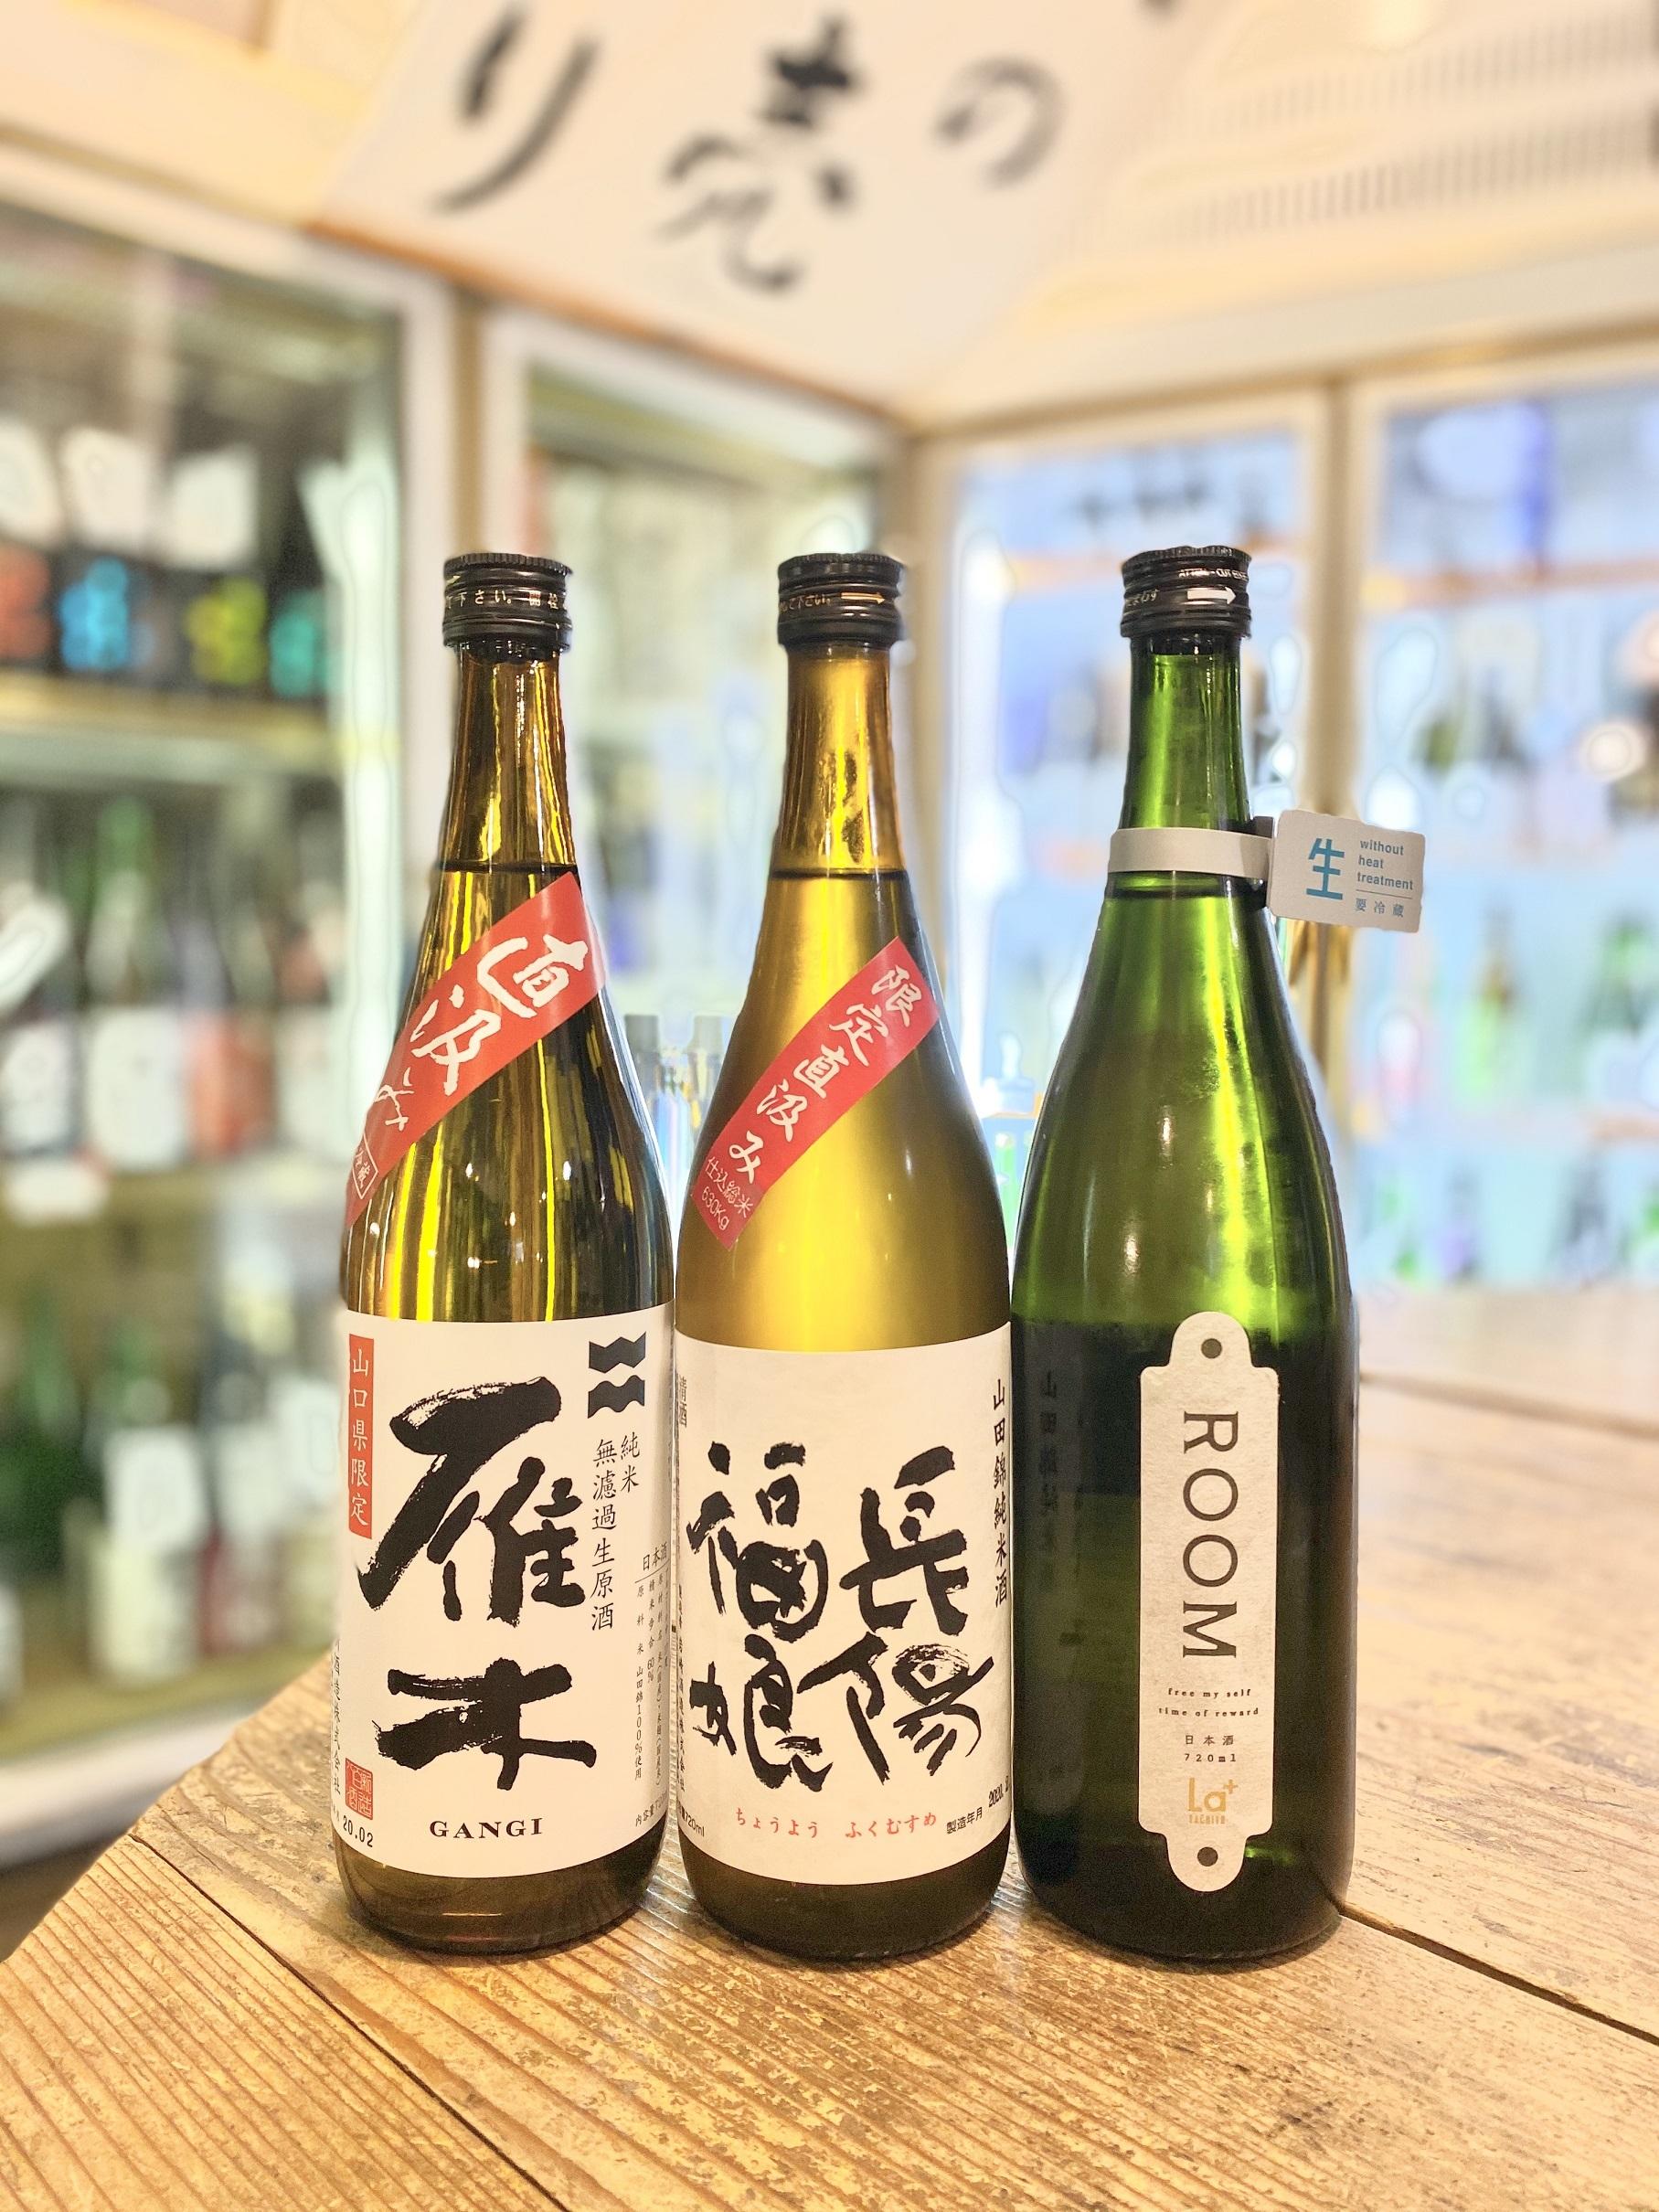 新酒雁木長陽ルーム - コピー